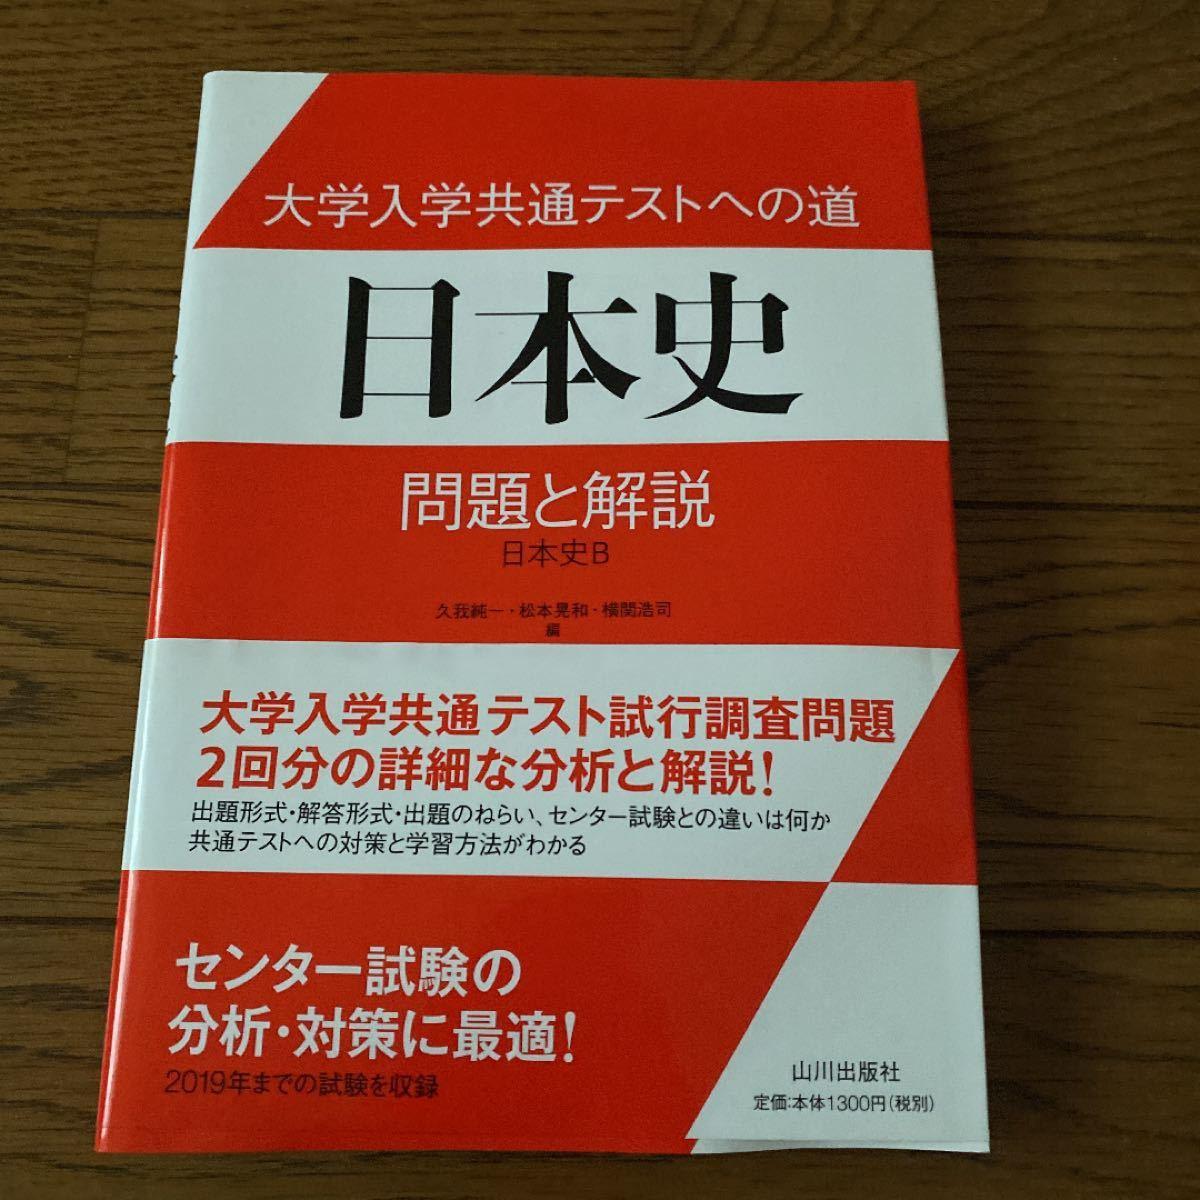 大学入学共通テストへの道 日本史 問題と解説 日本史B